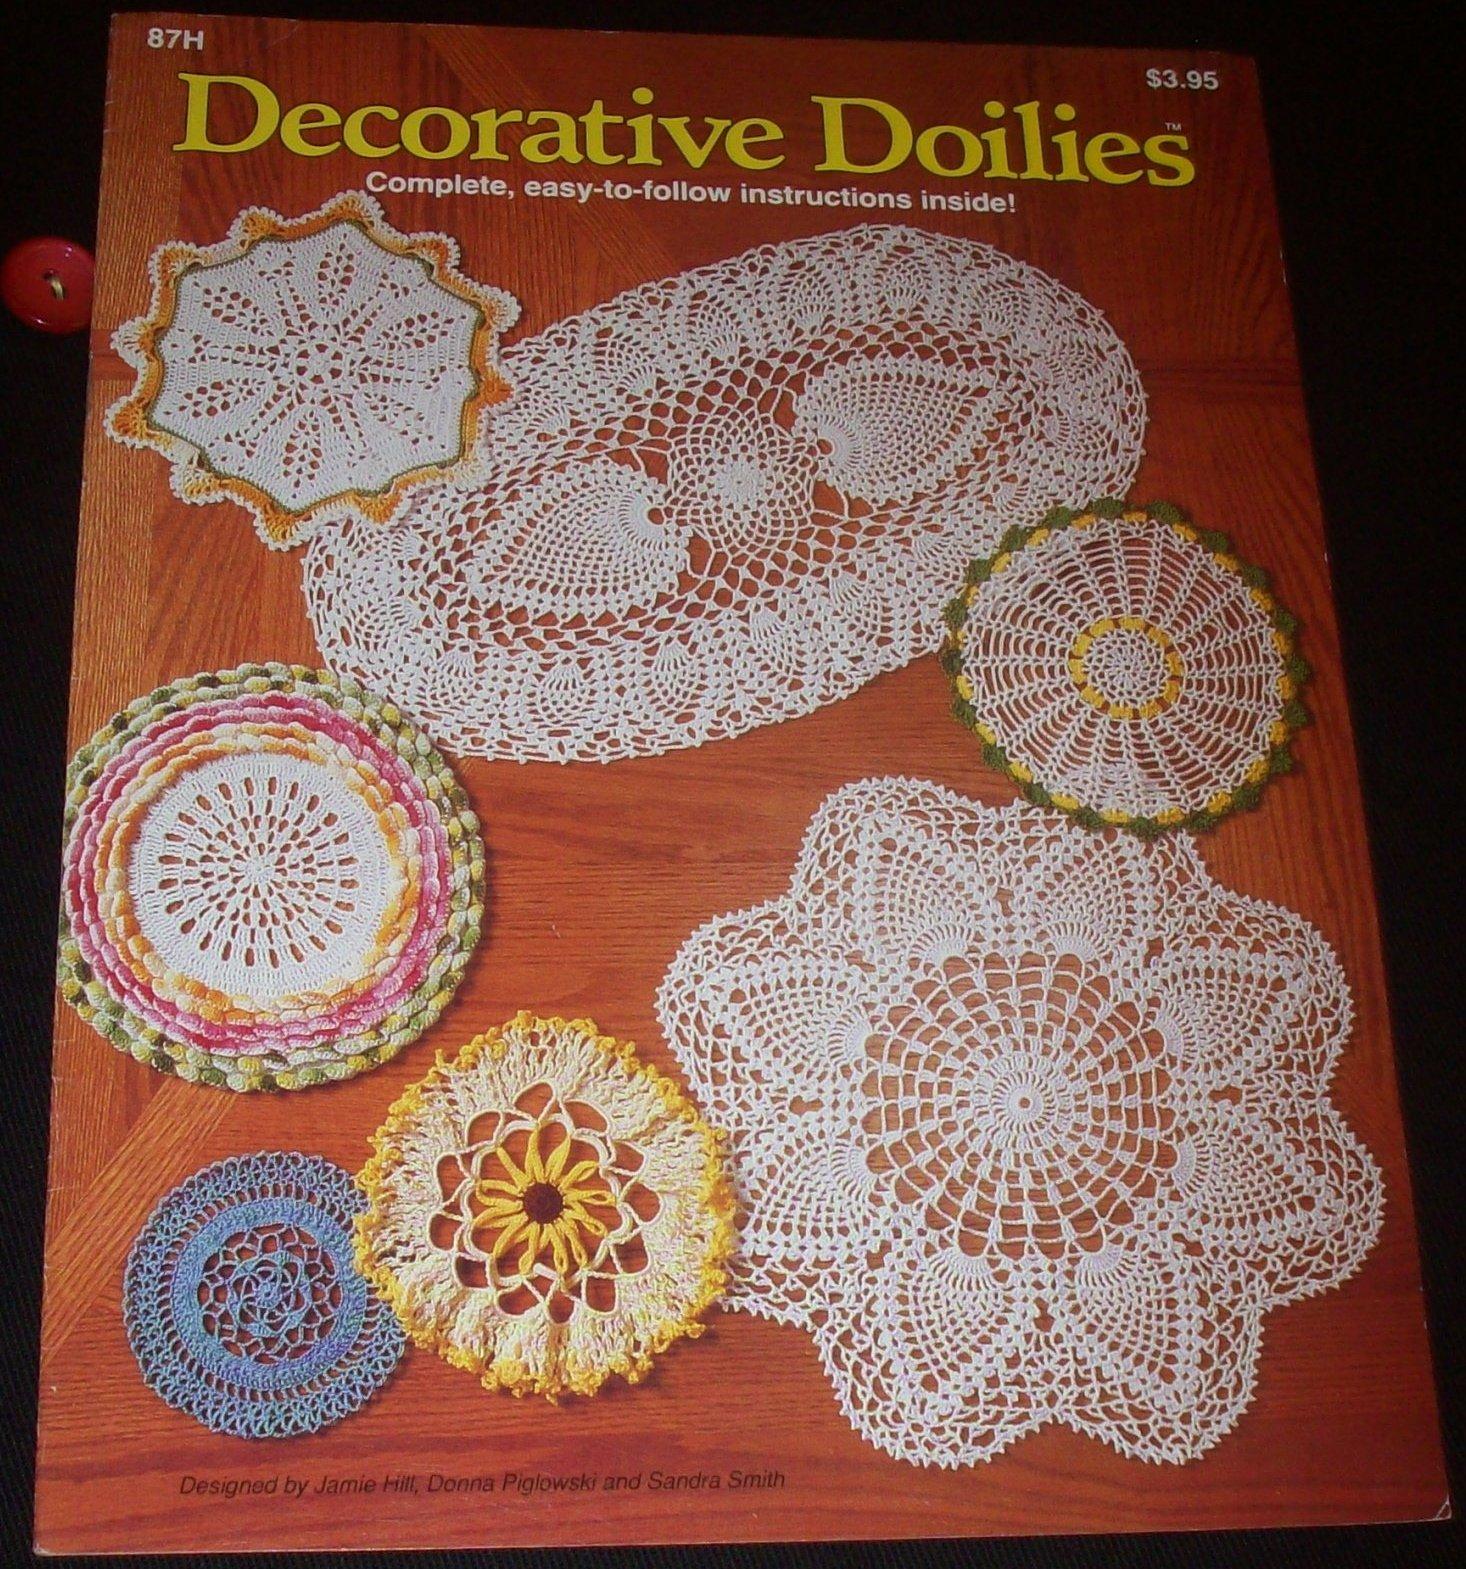 Decorative Doilies Crochet Donna Piglowski And Sandra Smith